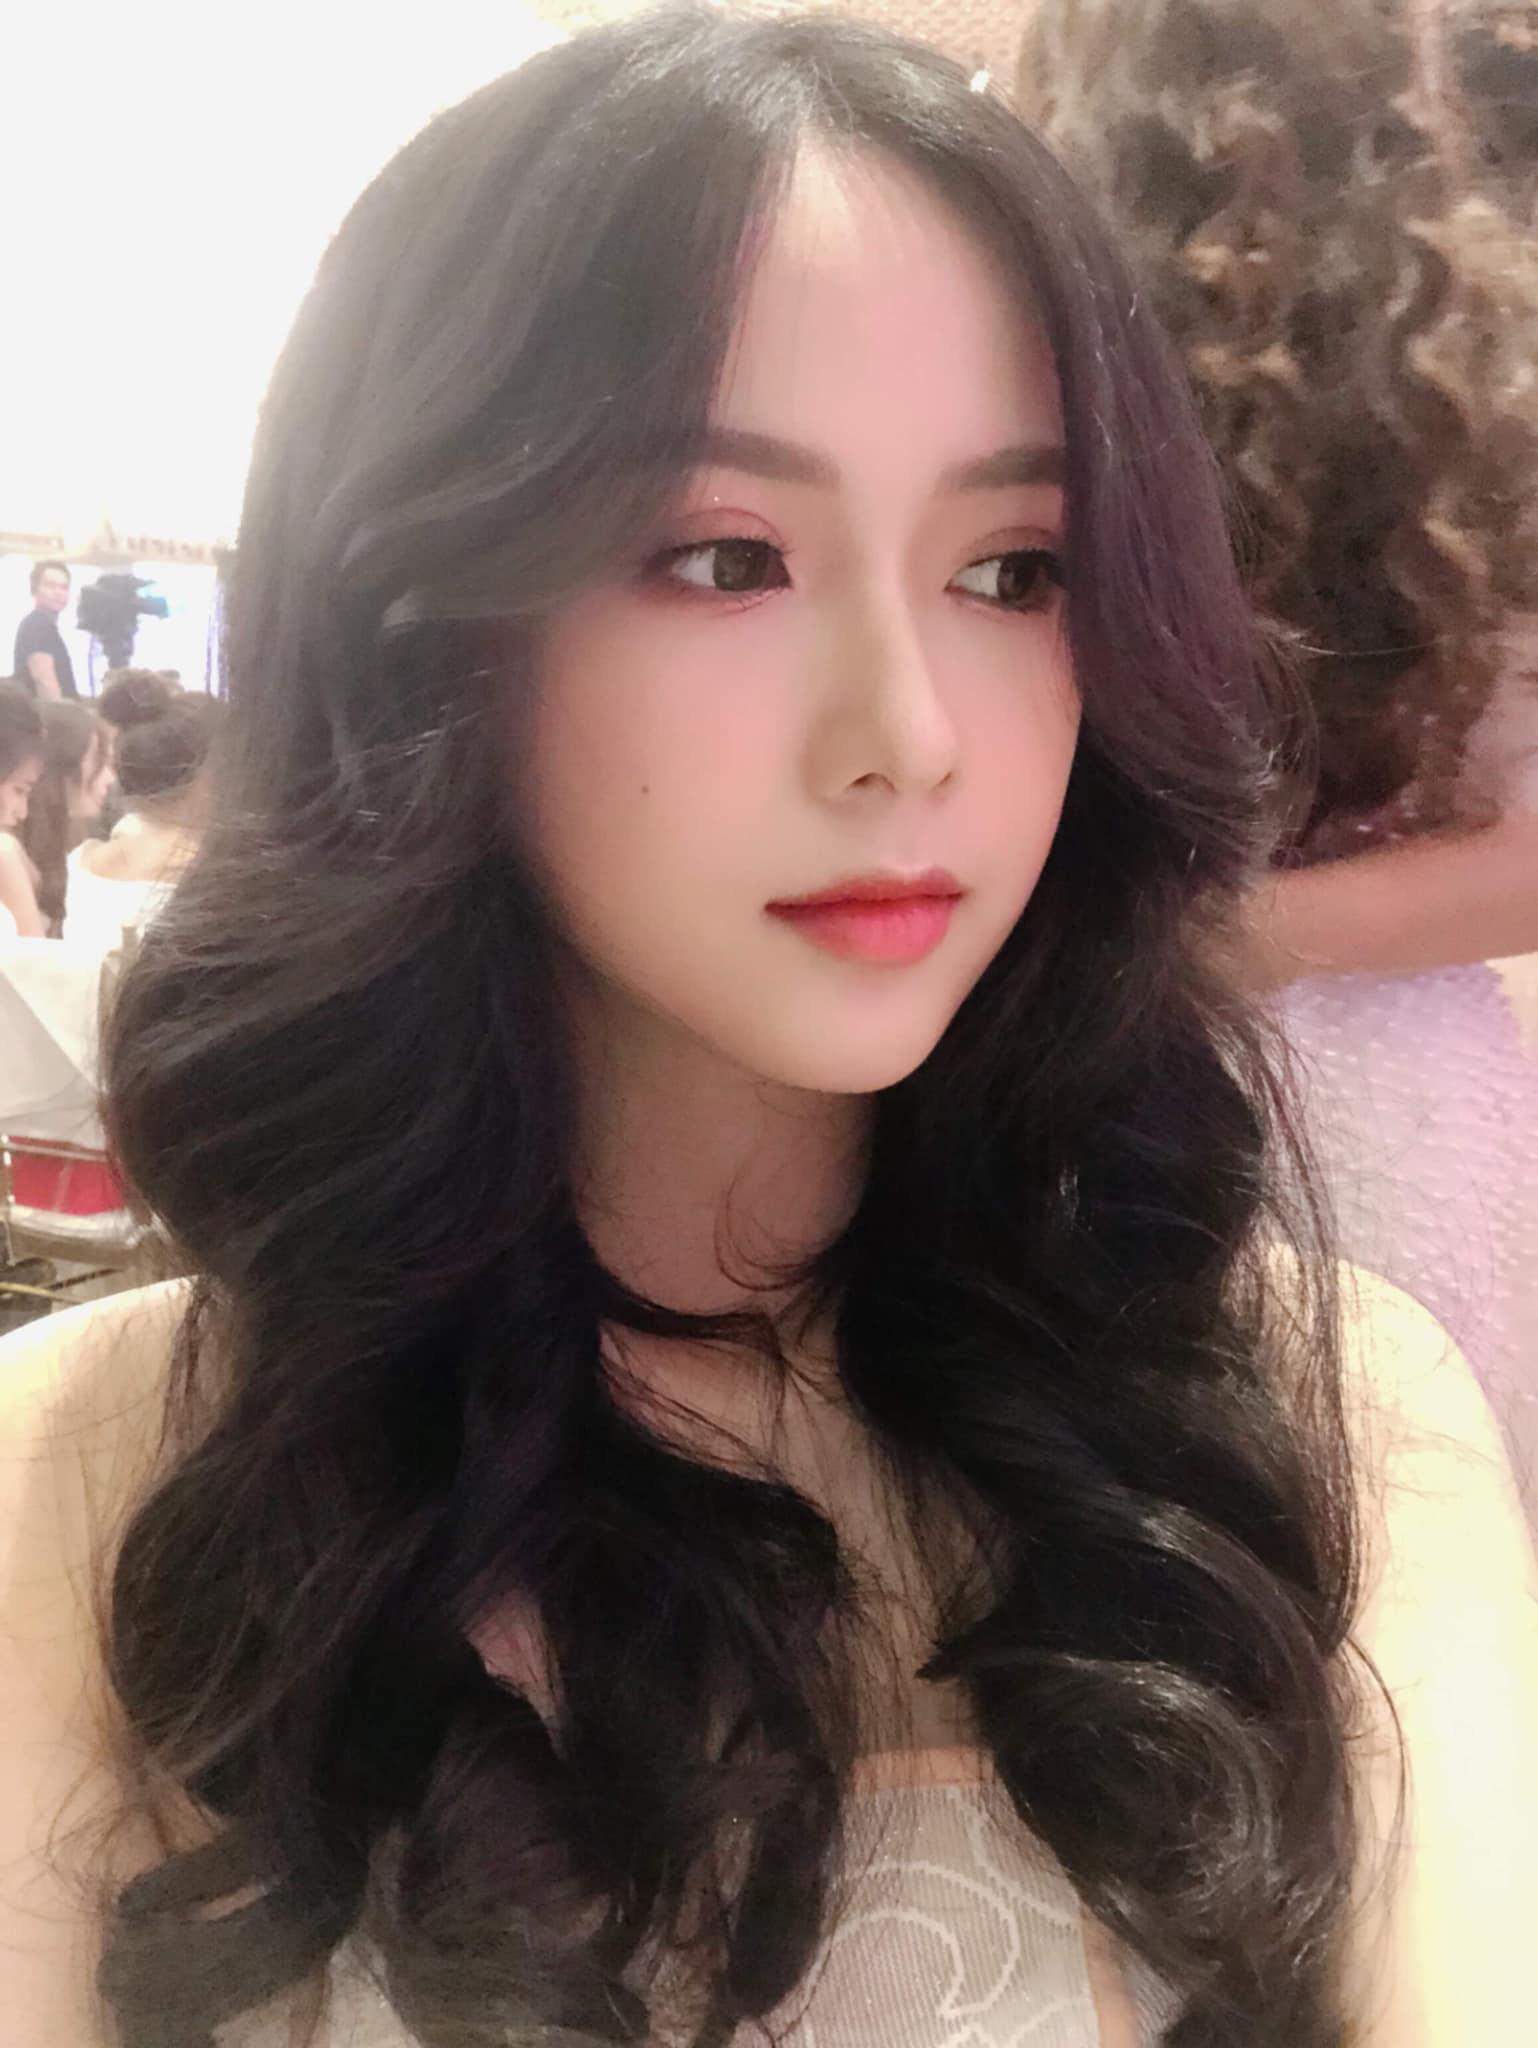 """Nữ sinh 10X đẹp chuẩn """"thần tiên tỷ tỷ"""" thi Hoa hậu Việt Nam 2020 hiếm hoi mặc bikini quyến rũ - Ảnh 3."""